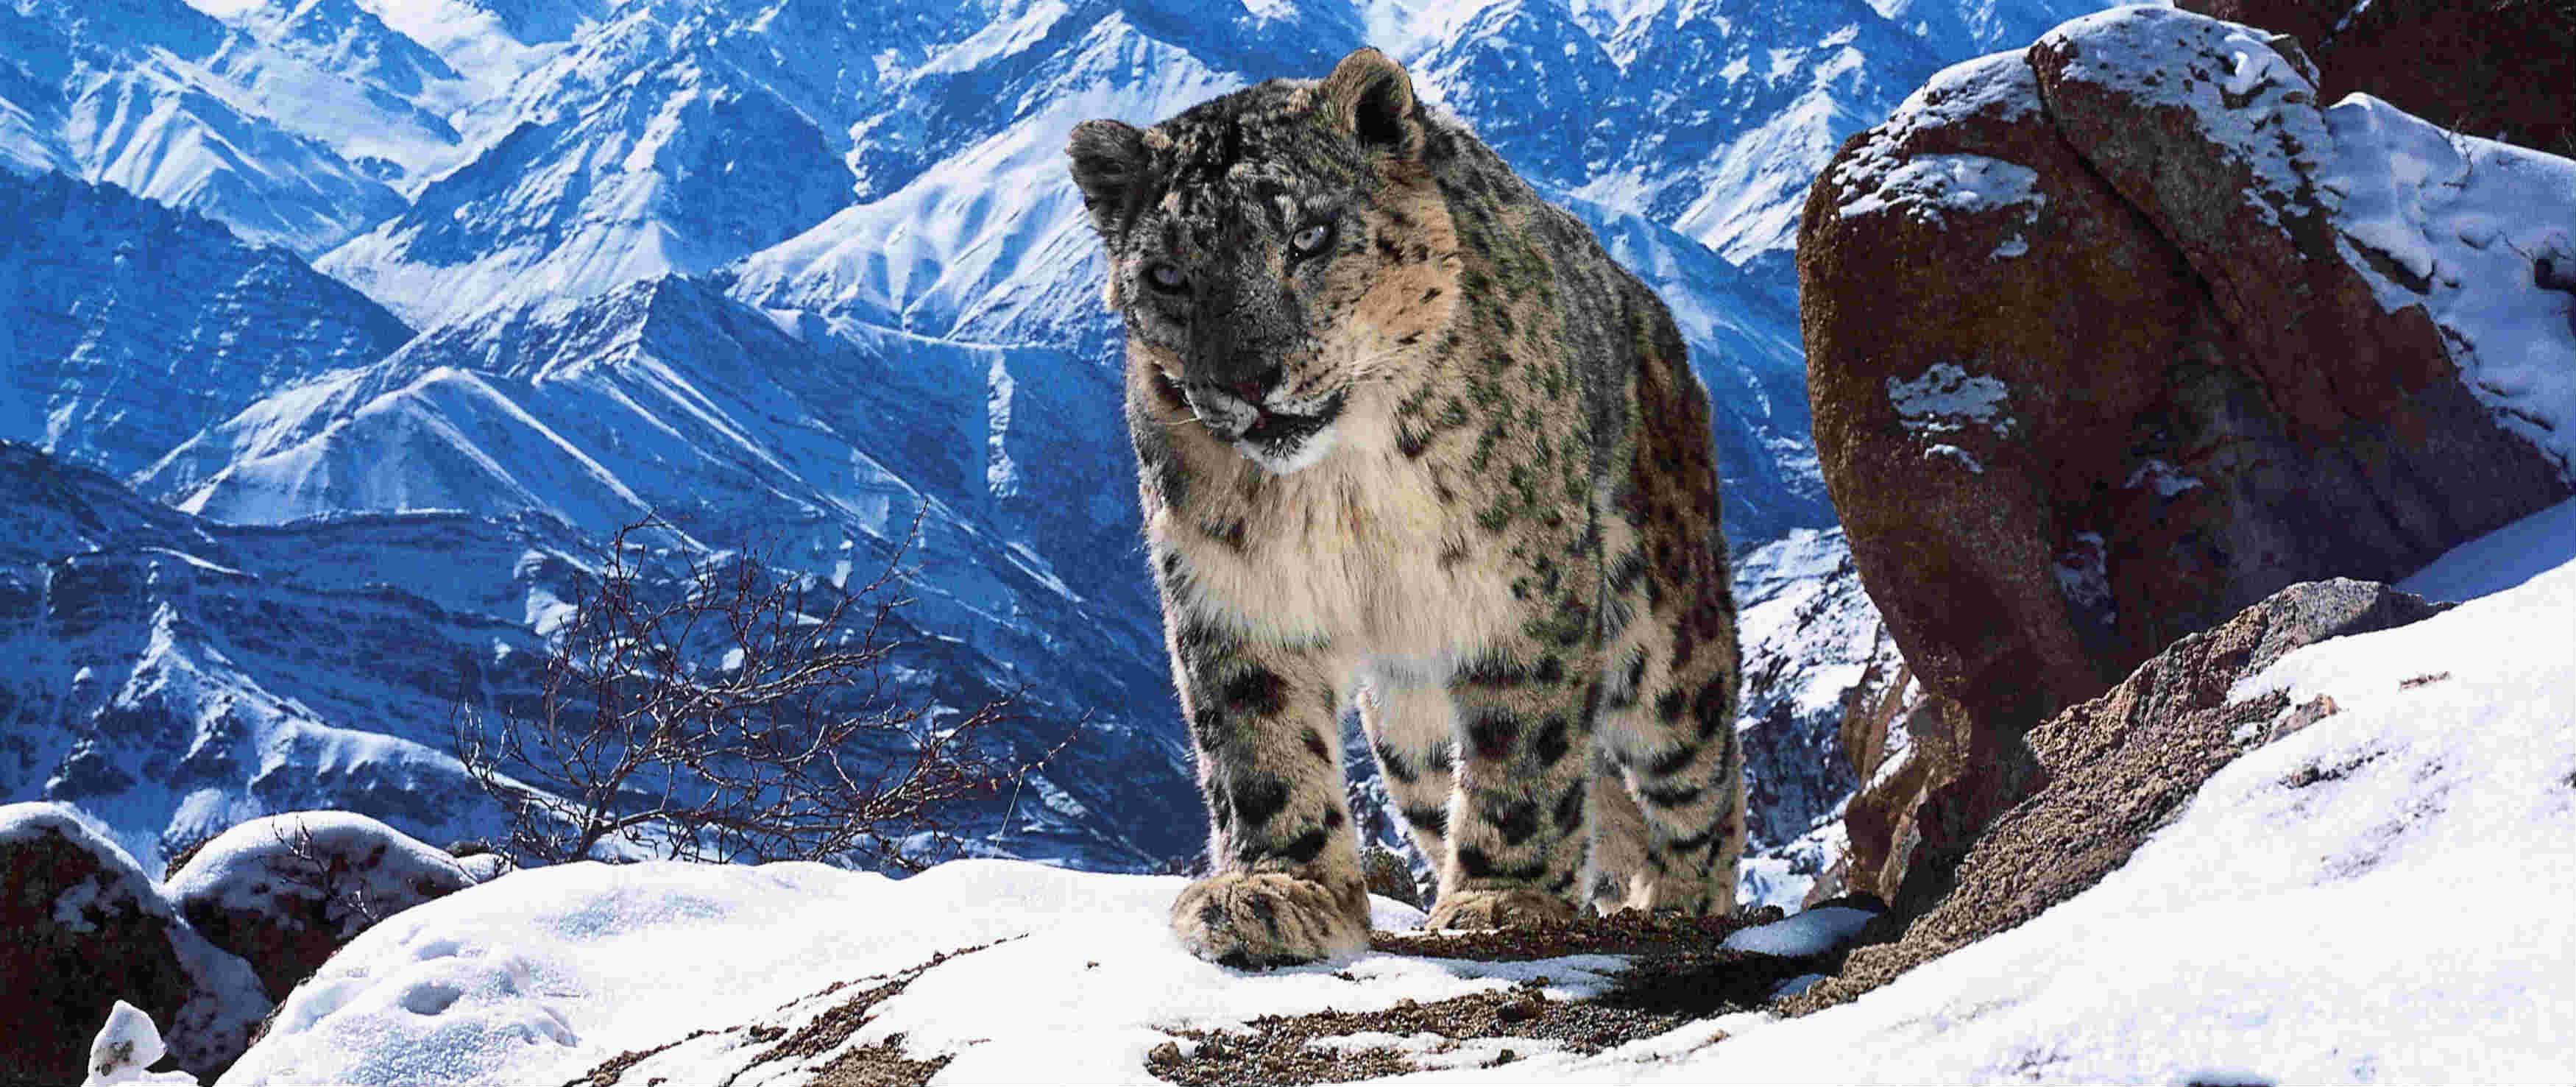 这是世界上最令人尊敬的拍摄,来自BBC野生动物摄影师的自白